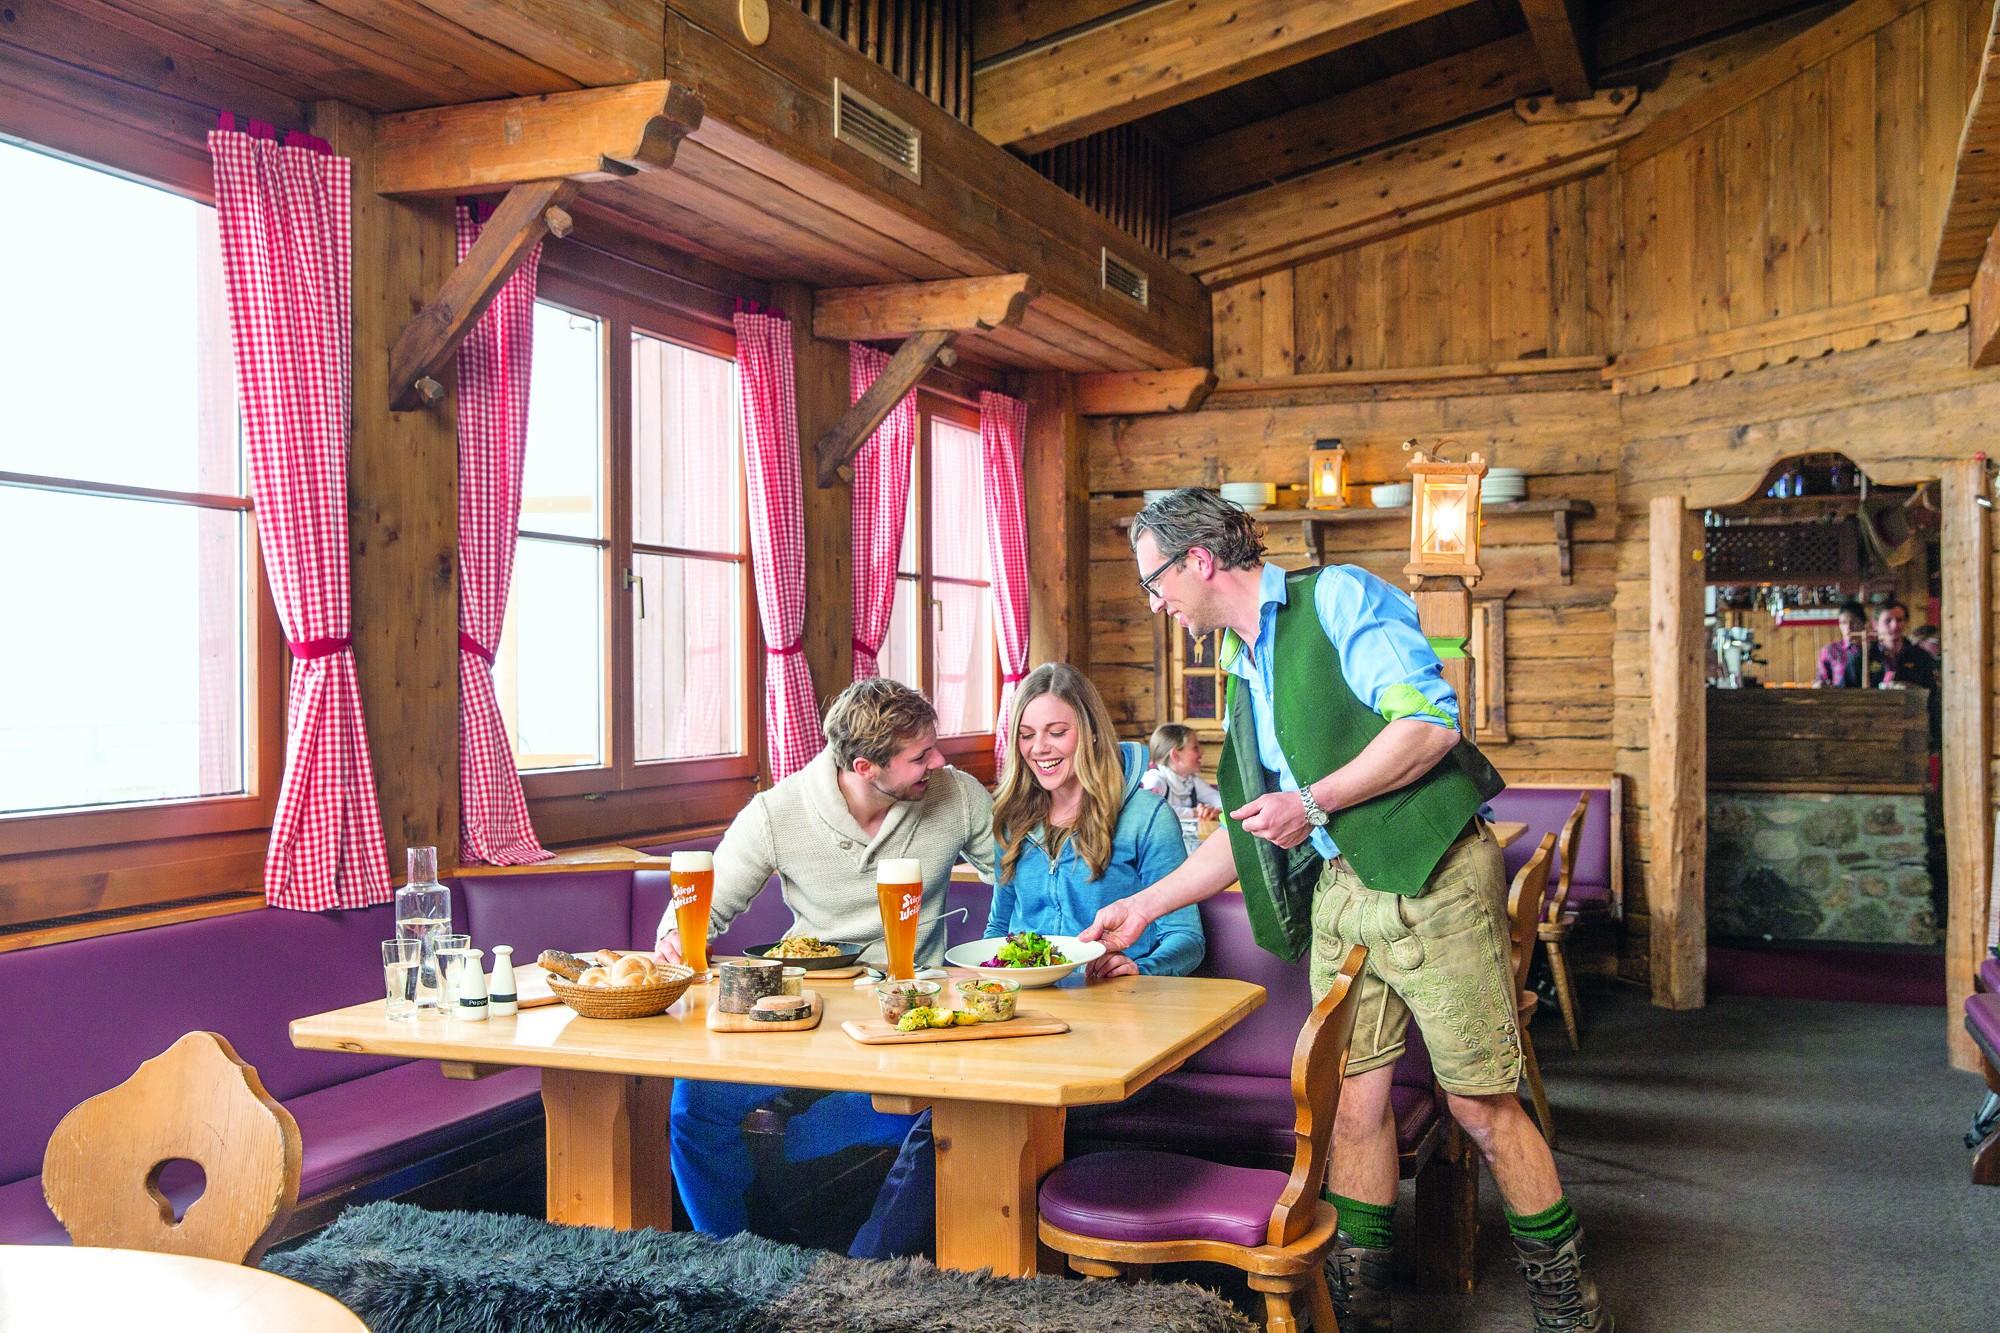 Coppia seduta alla finestra di un tipico locale, ambiene in legno, cameriere in costume tradizionale